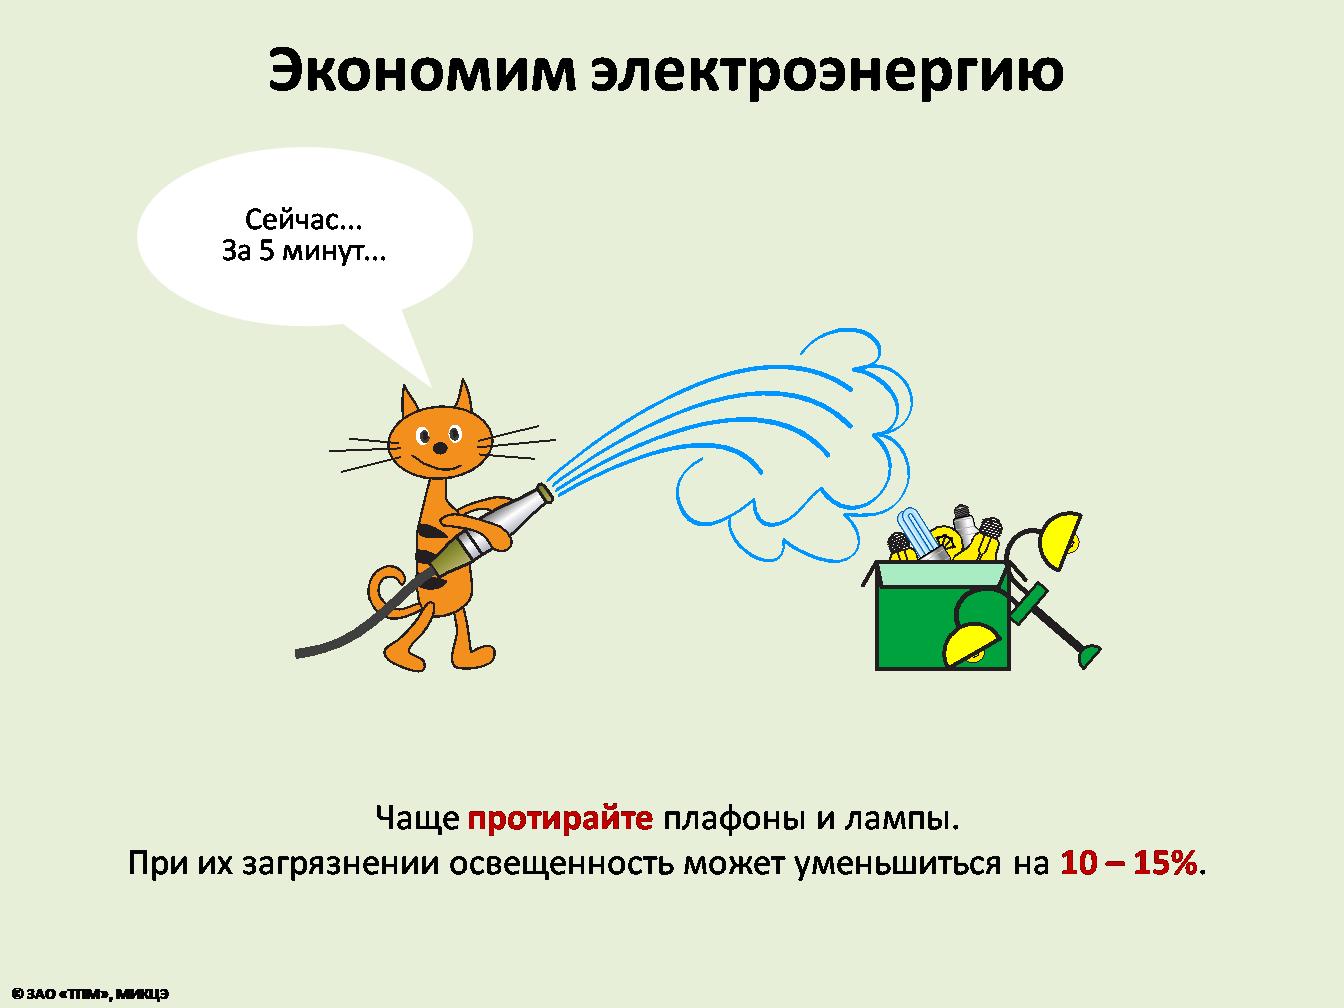 Экономить электричество картинка